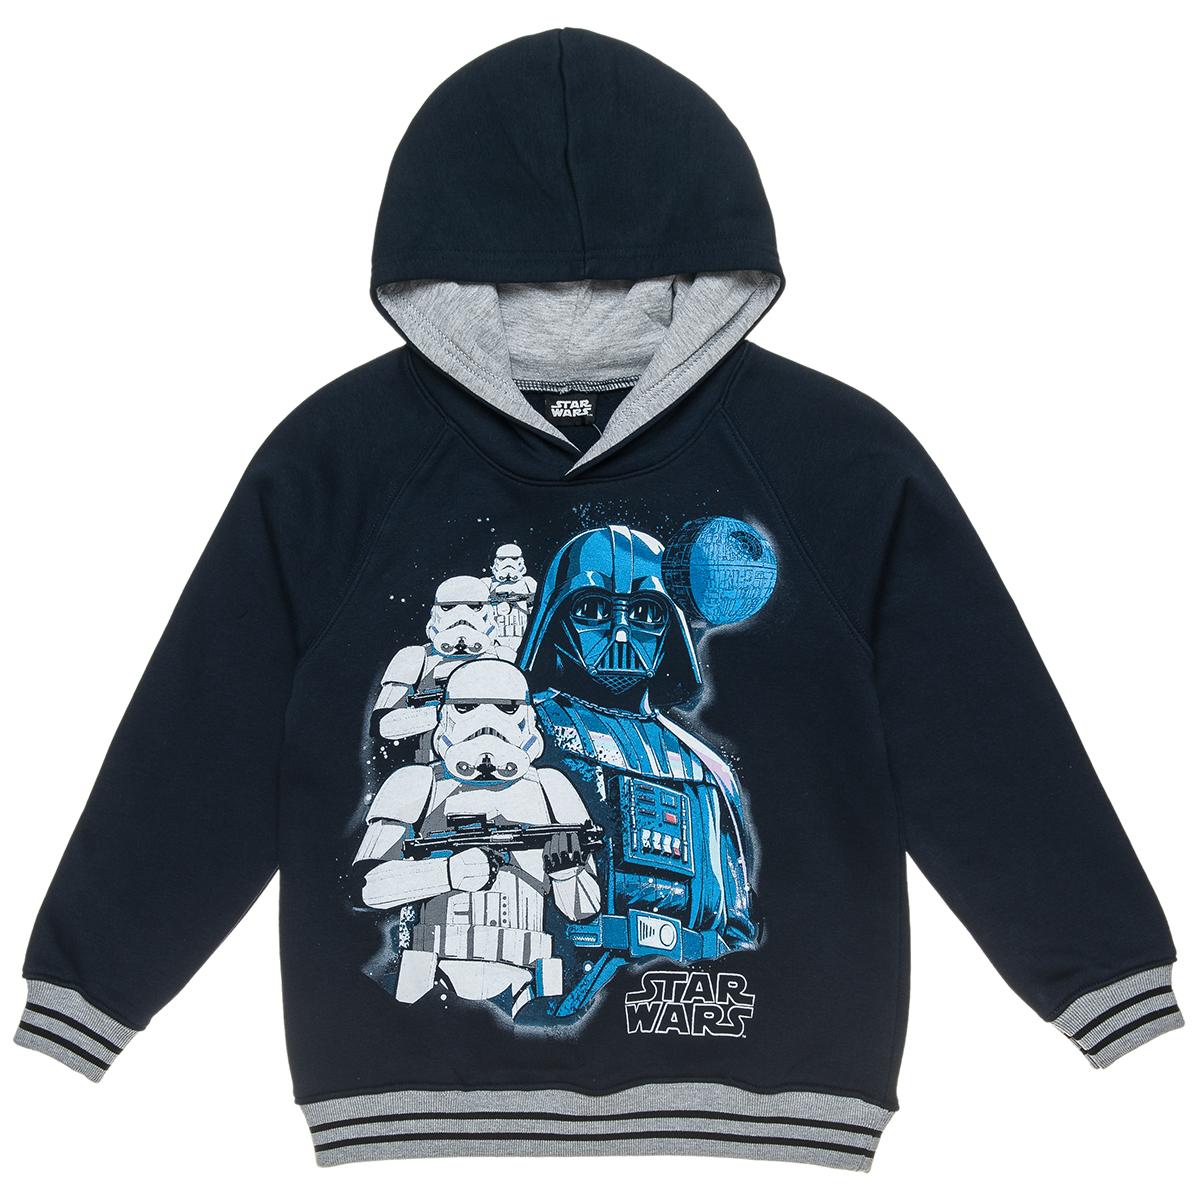 Μπλούζα φουτερ Star Wars με κουκούλα και τύπωμα (Αγόρι 6-14 ετών) 00121282 89f09cba96e